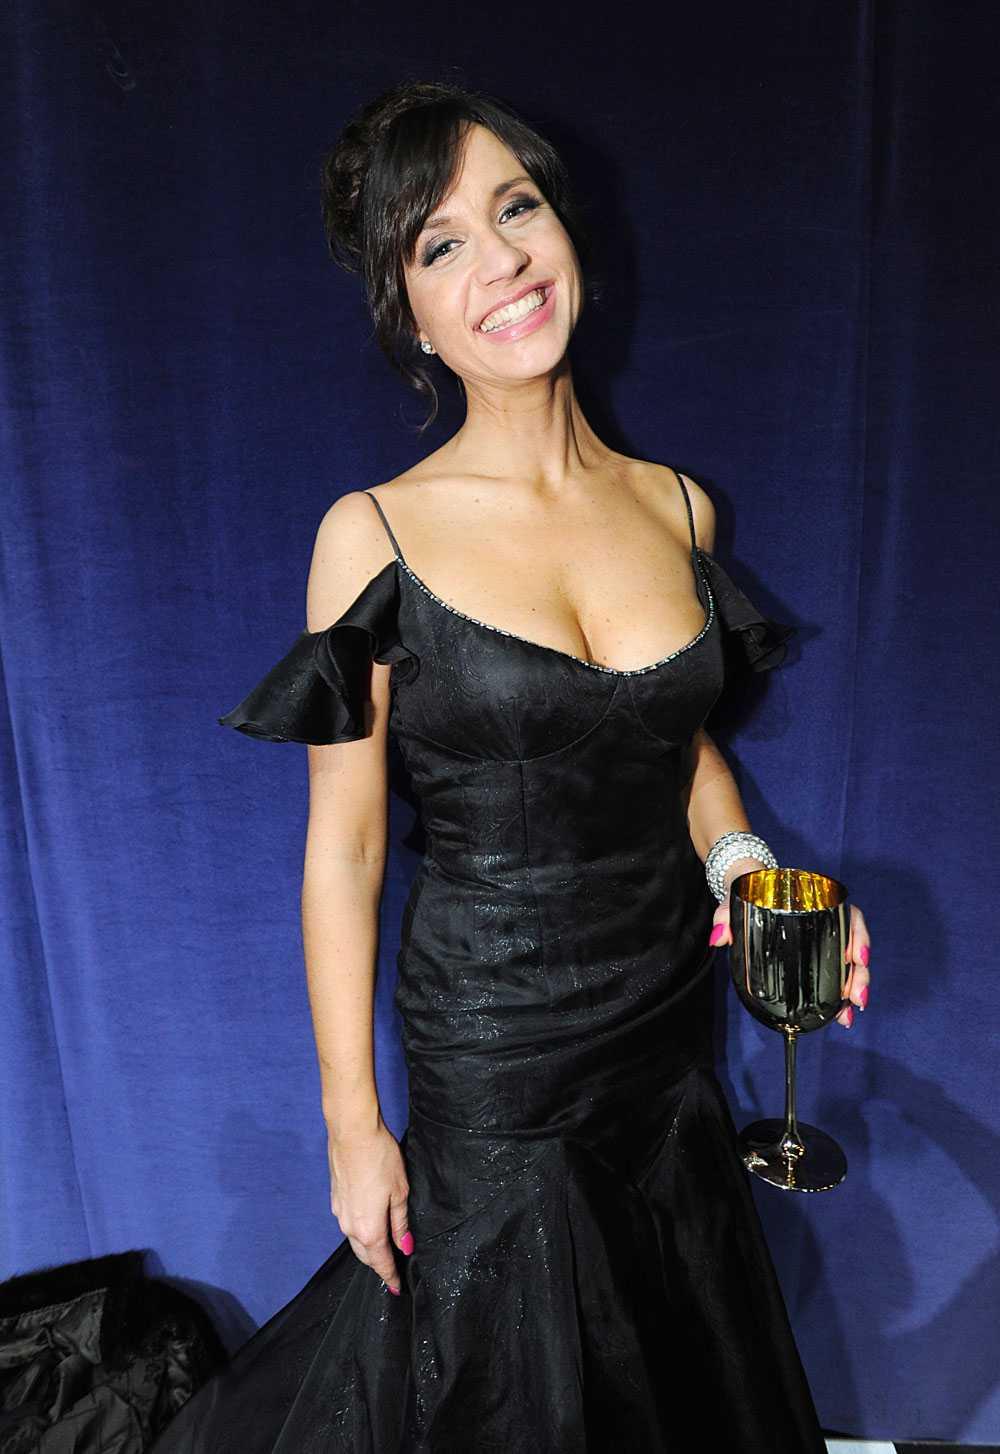 Mede var programledare för Guldbaggegalan 2011 och 2012.